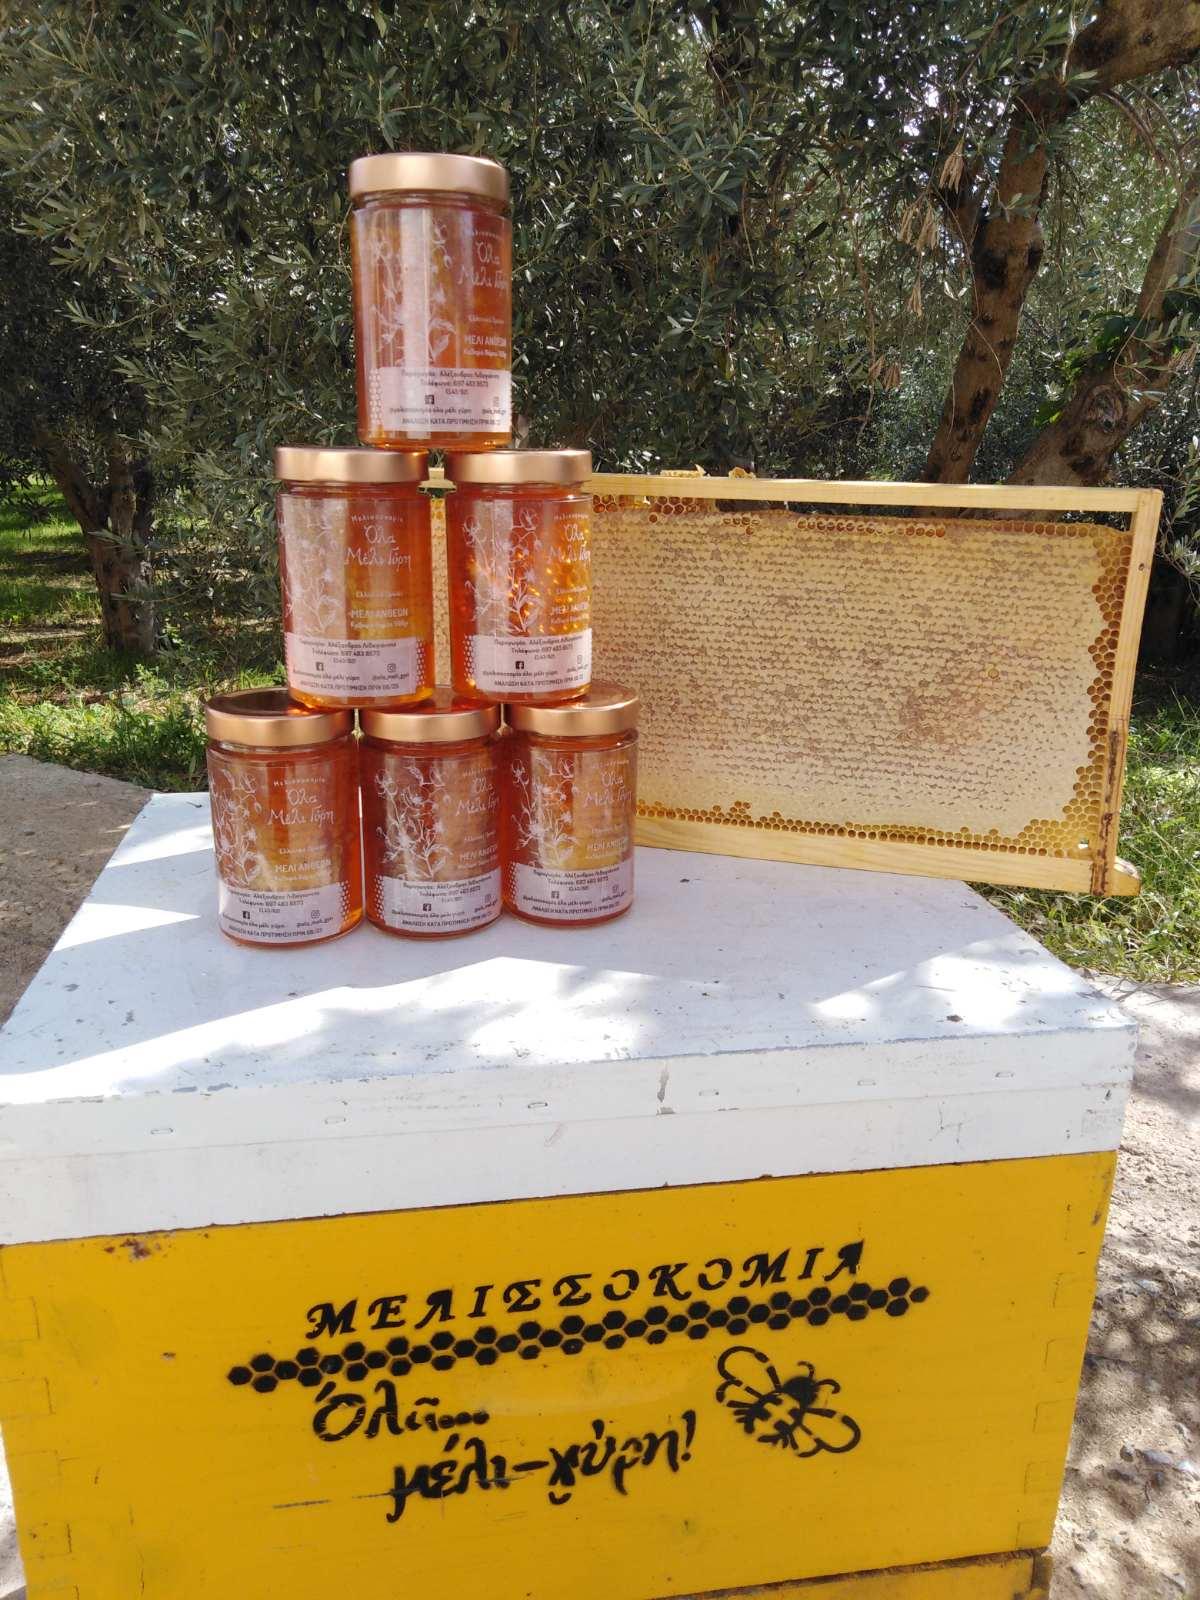 Μελισσοκομία – Όλα ΜέλιΓύρη